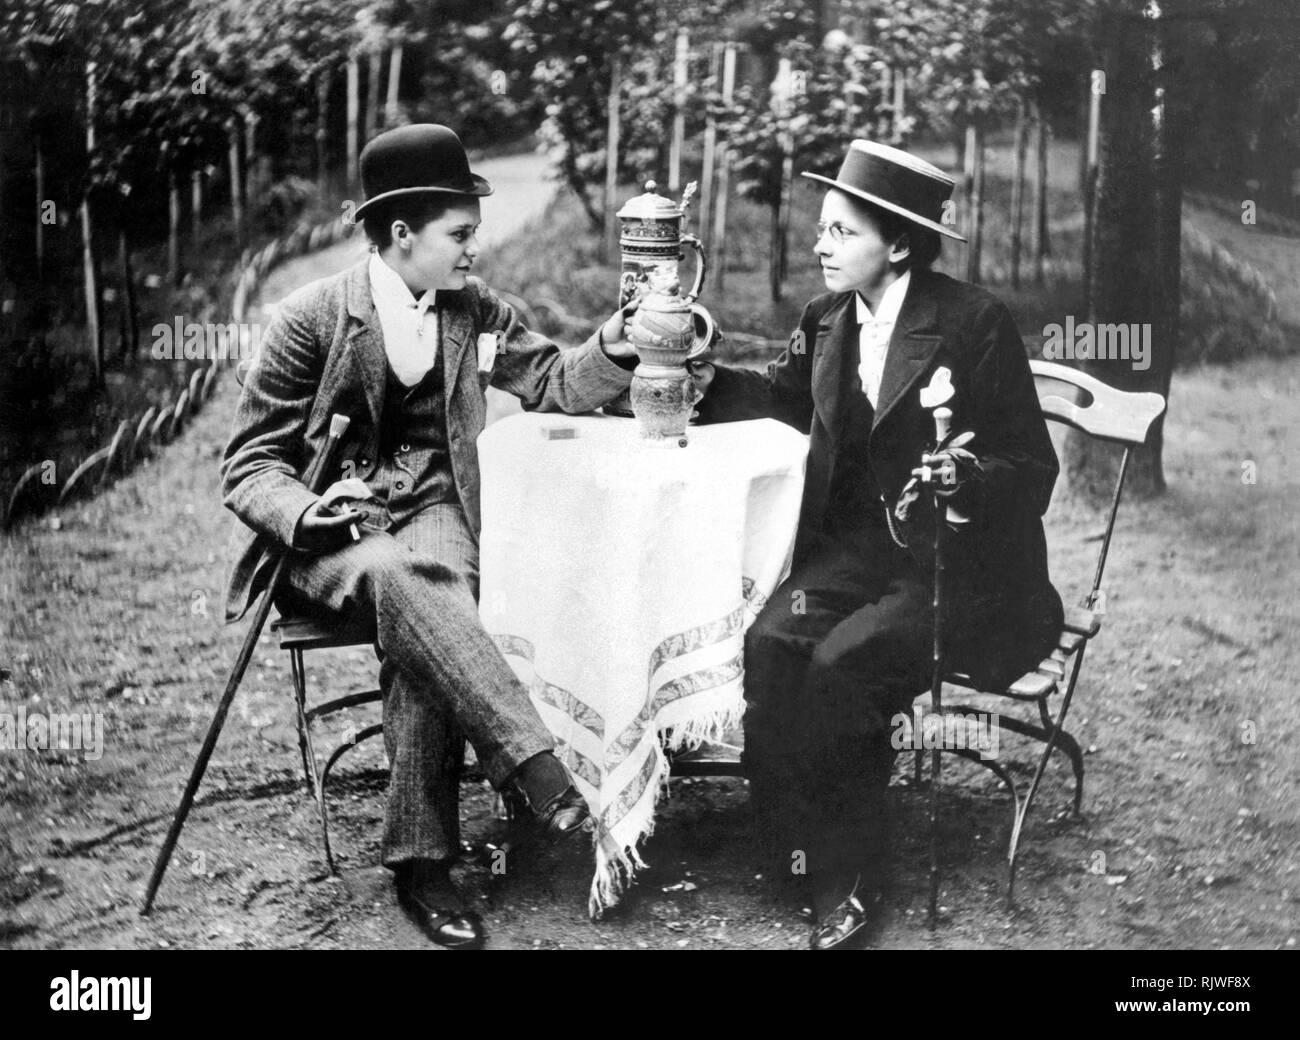 Igualdad, dos mujeres en la ropa de los hombres fumando y bebiendo cerveza, 1910s, Alemania Imagen De Stock